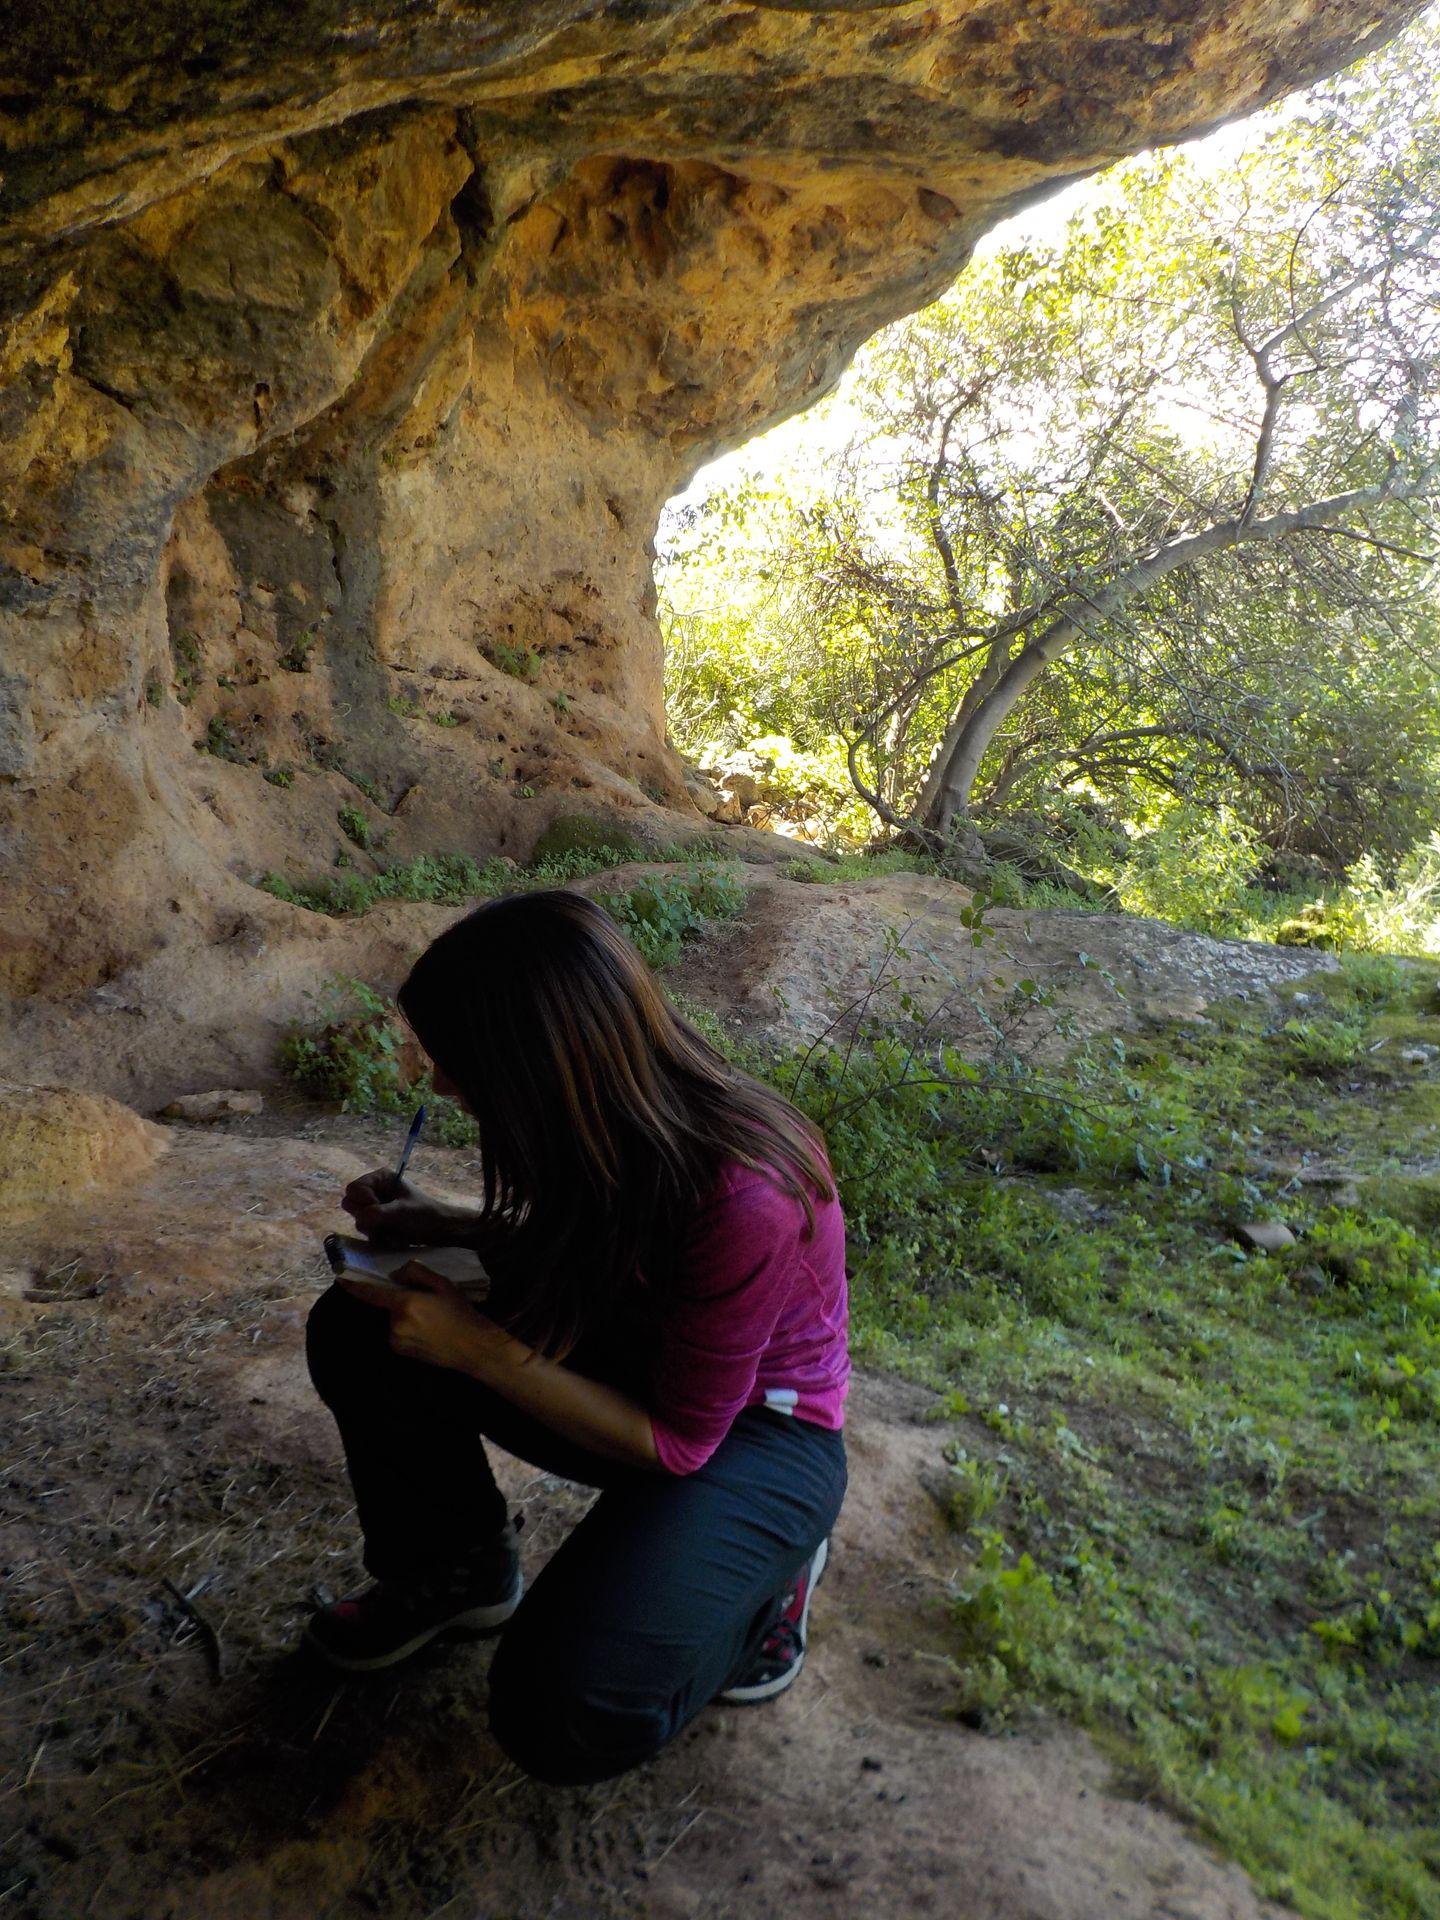 Realizando anotaciones en la Cueva de Las Mujeres